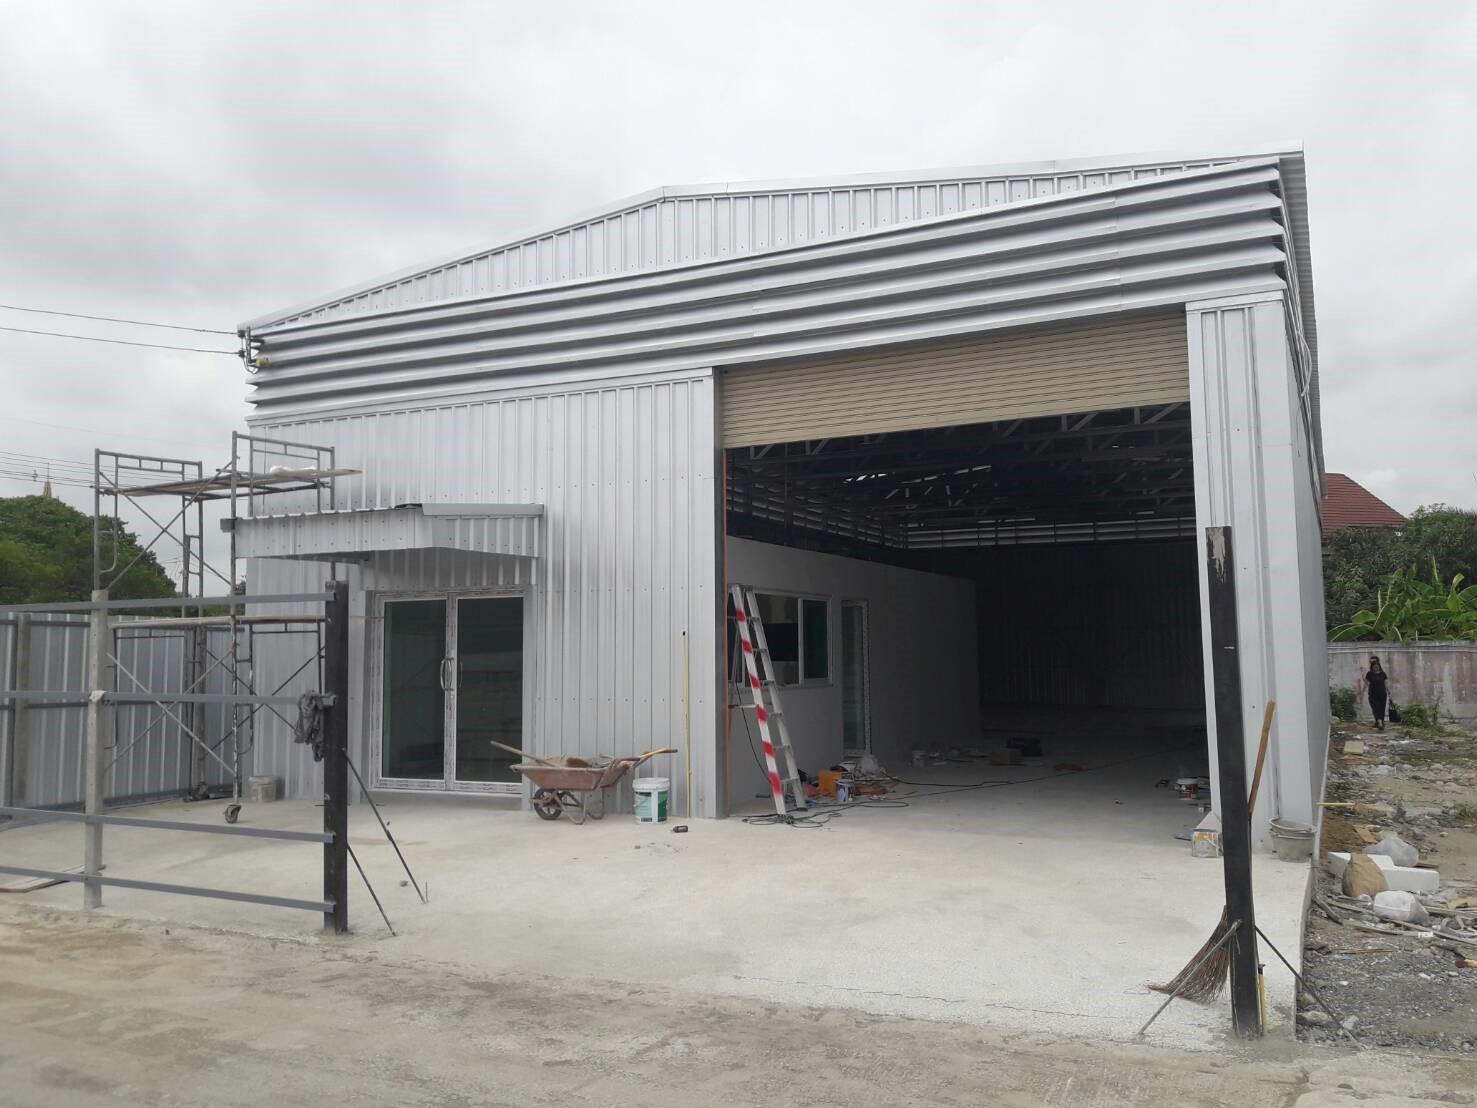 โกดังสำเร็จรูป โครงสร้าง HW-C ขนาด 10 x 22 x 5 เมตร รับสร้างโกดัง - รับสร้างโกดัง โรงงาน สร้างคลังสินค้า